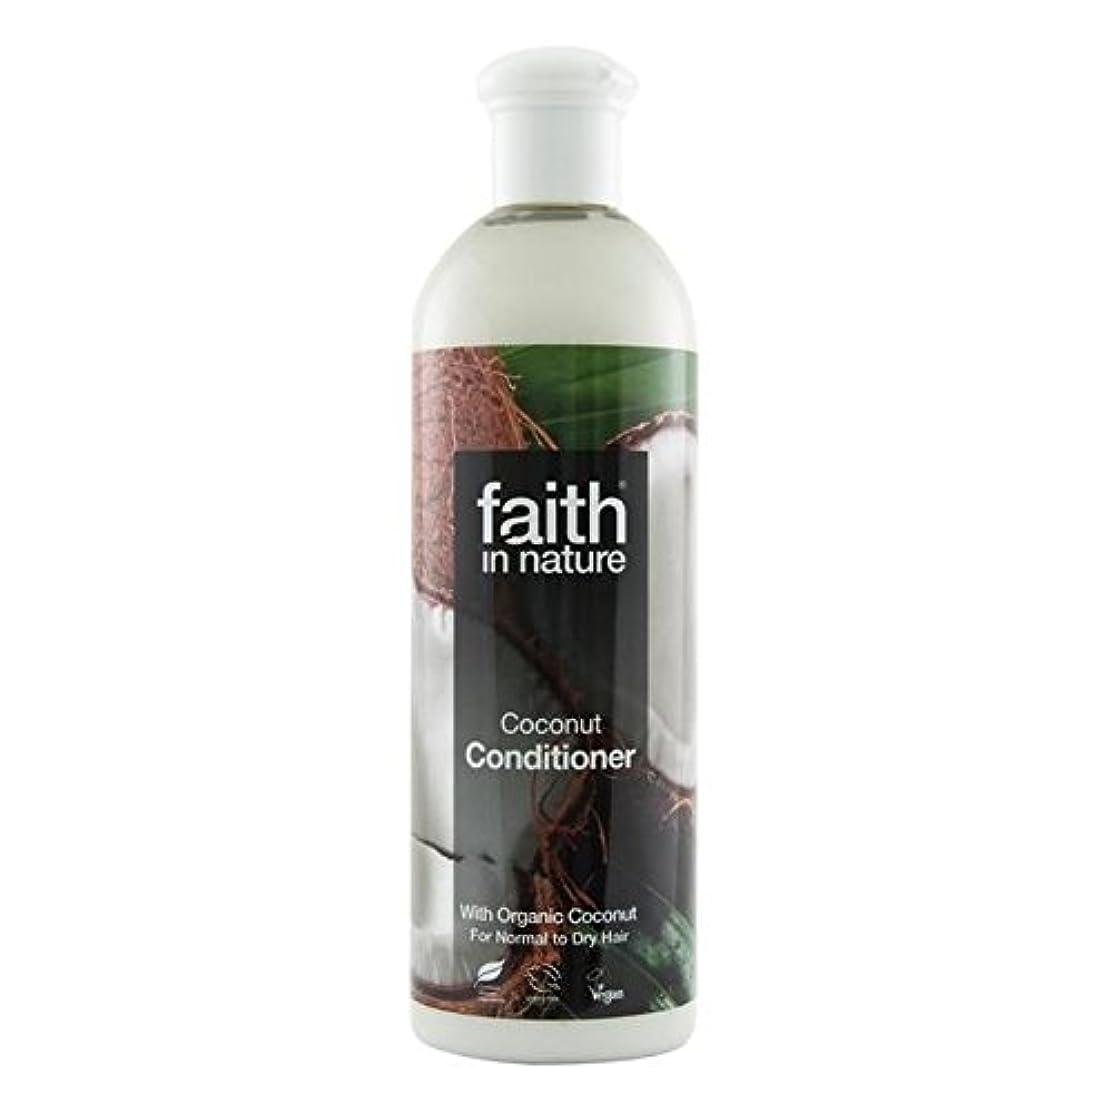 悪魔姿を消すタンパク質Faith in Nature Coconut Conditioner 400ml (Pack of 2) - (Faith In Nature) 自然ココナッツコンディショナー400ミリリットルの信仰 (x2) [並行輸入品]